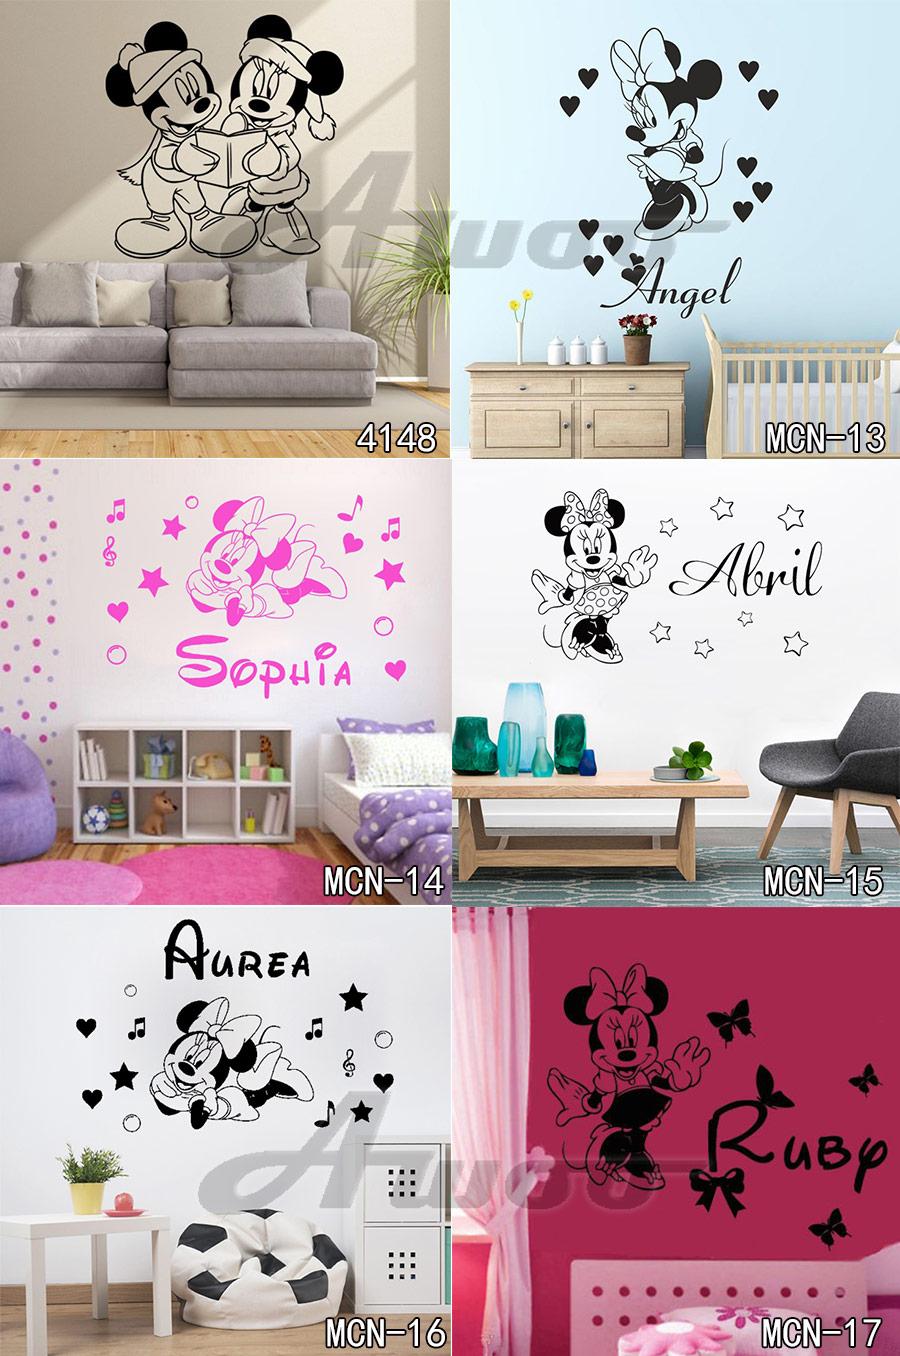 HTB1VXVoRpXXXXcBaXXXq6xXFXXXQ - Baby Mickey Mouse Warm Custom Name Wall Sticker For Kids Room